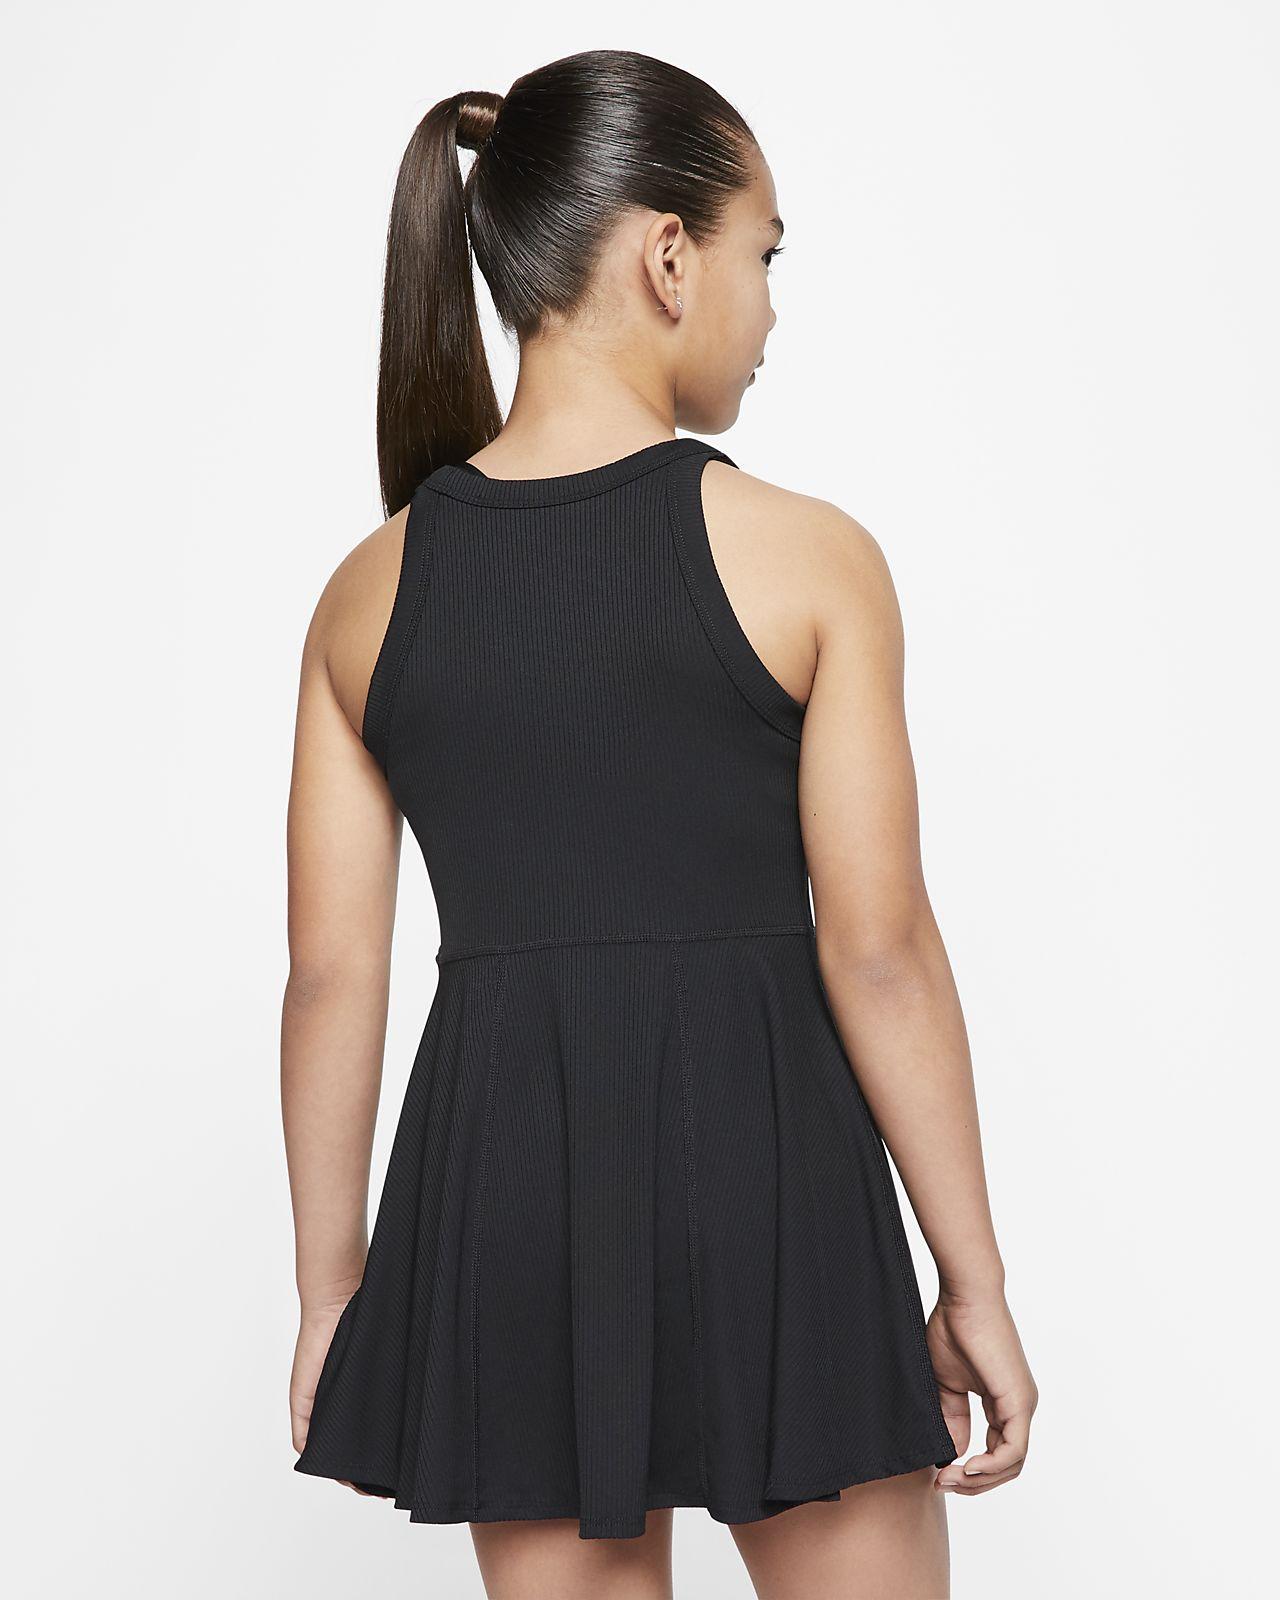 NikeCourt Dri FIT Girls' Tennis Dress